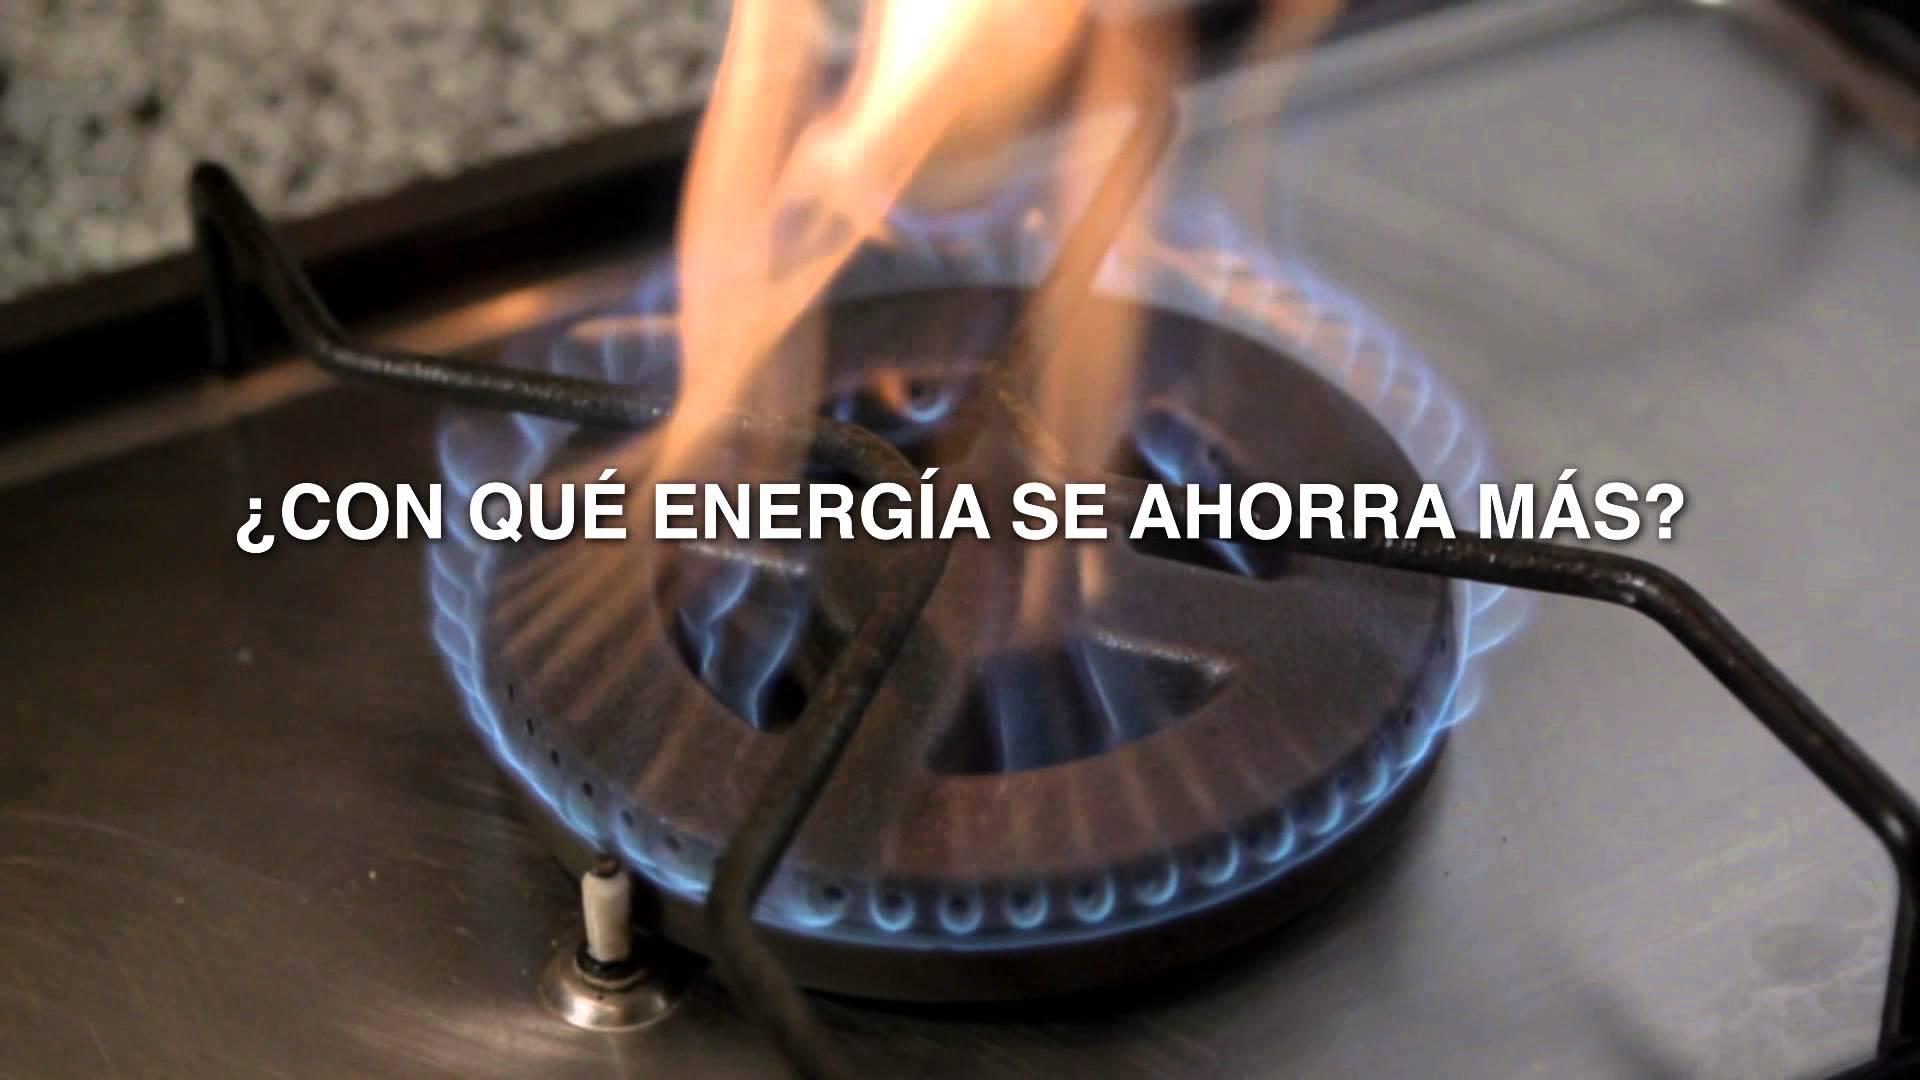 UNOGAS Instalación y Contratación de Gas